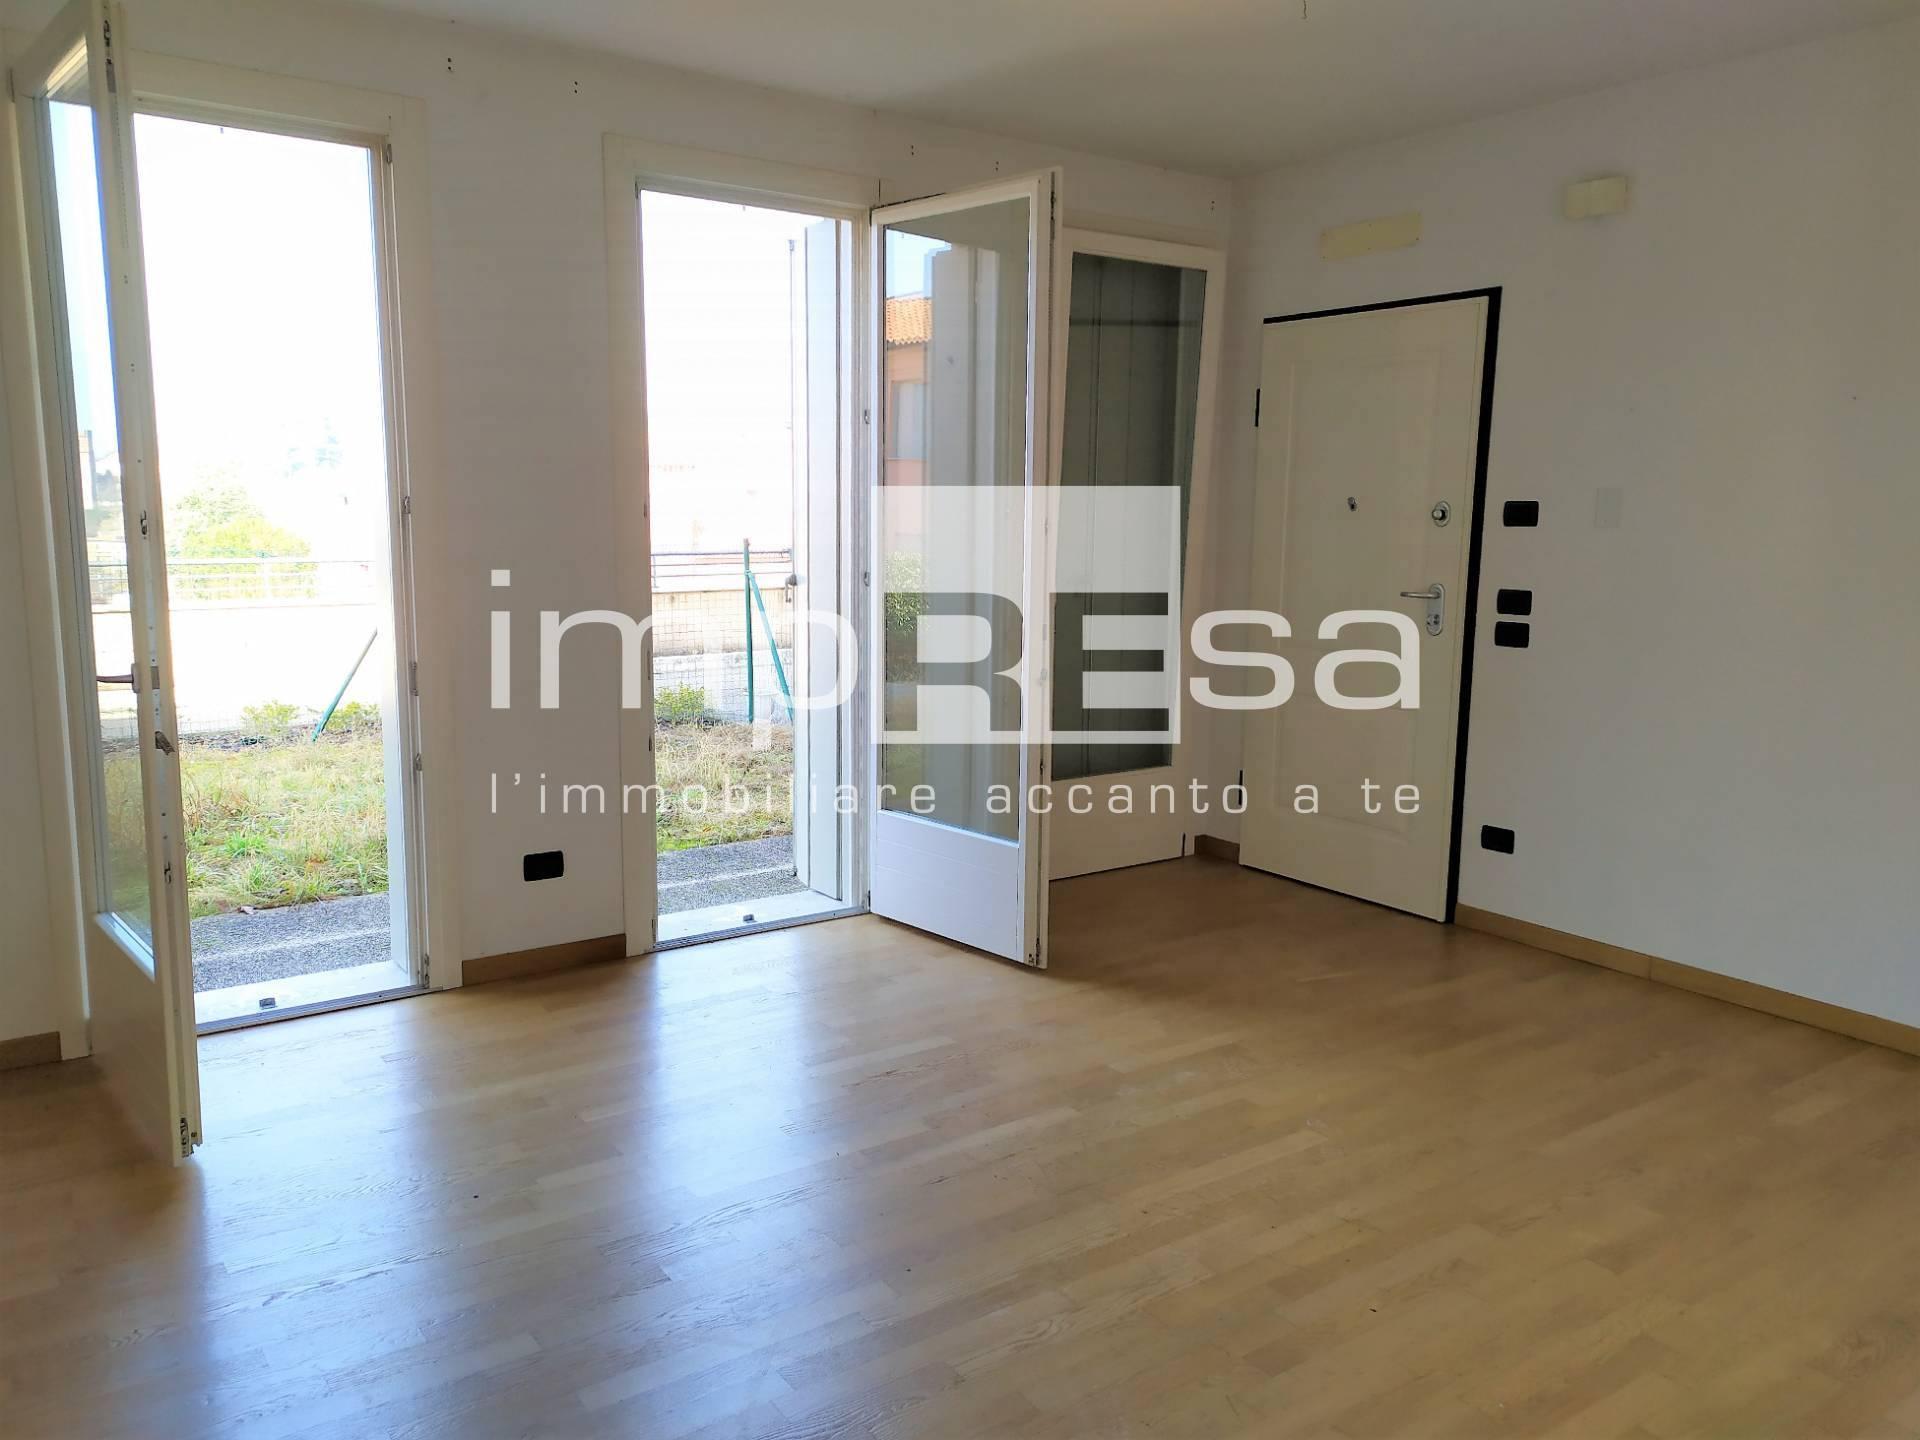 Appartamento in vendita a Susegana, 3 locali, zona Zona: Collalto, prezzo € 100.000   CambioCasa.it